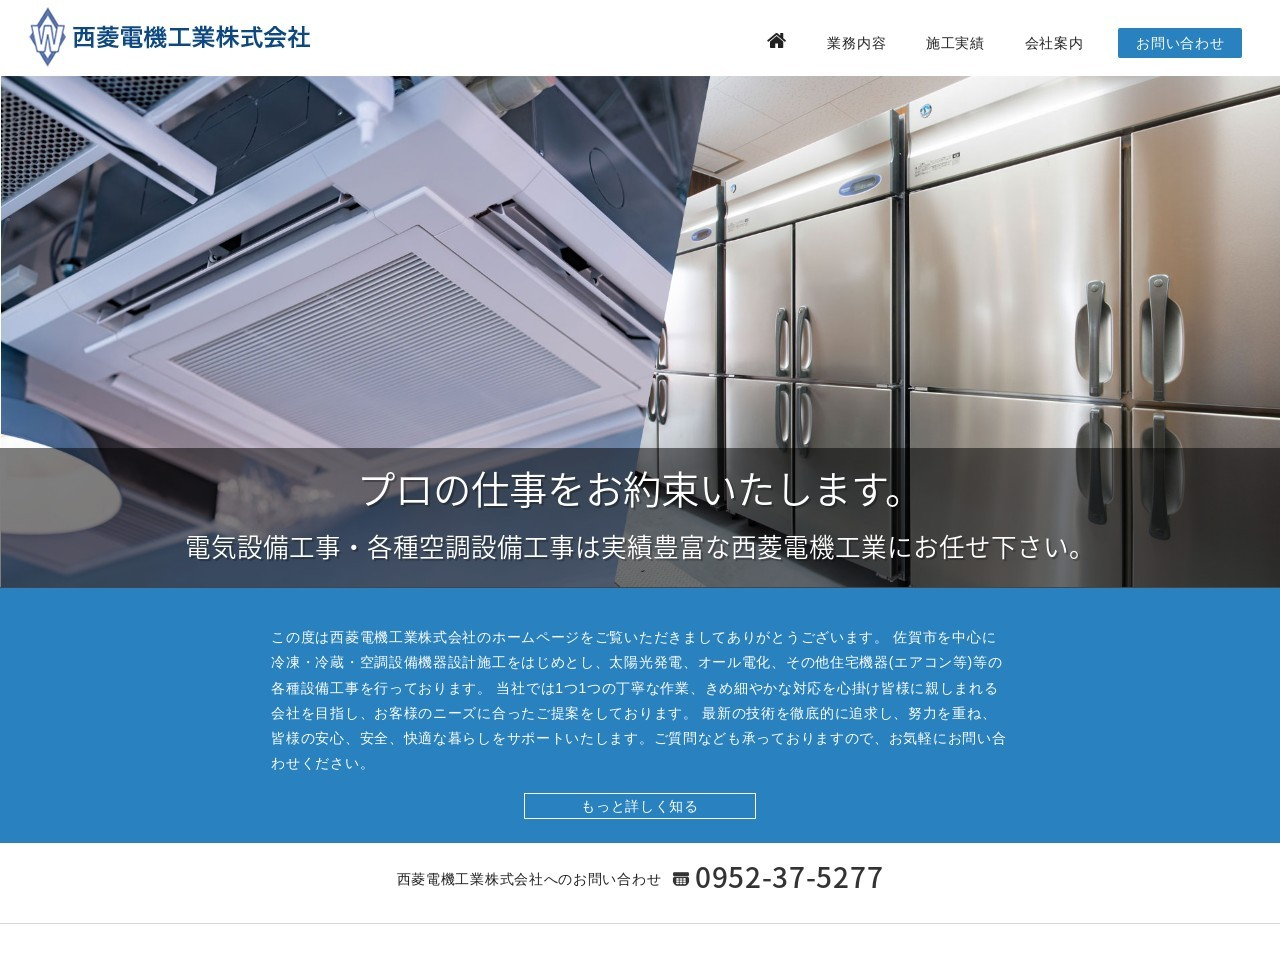 西菱電機工業株式会社